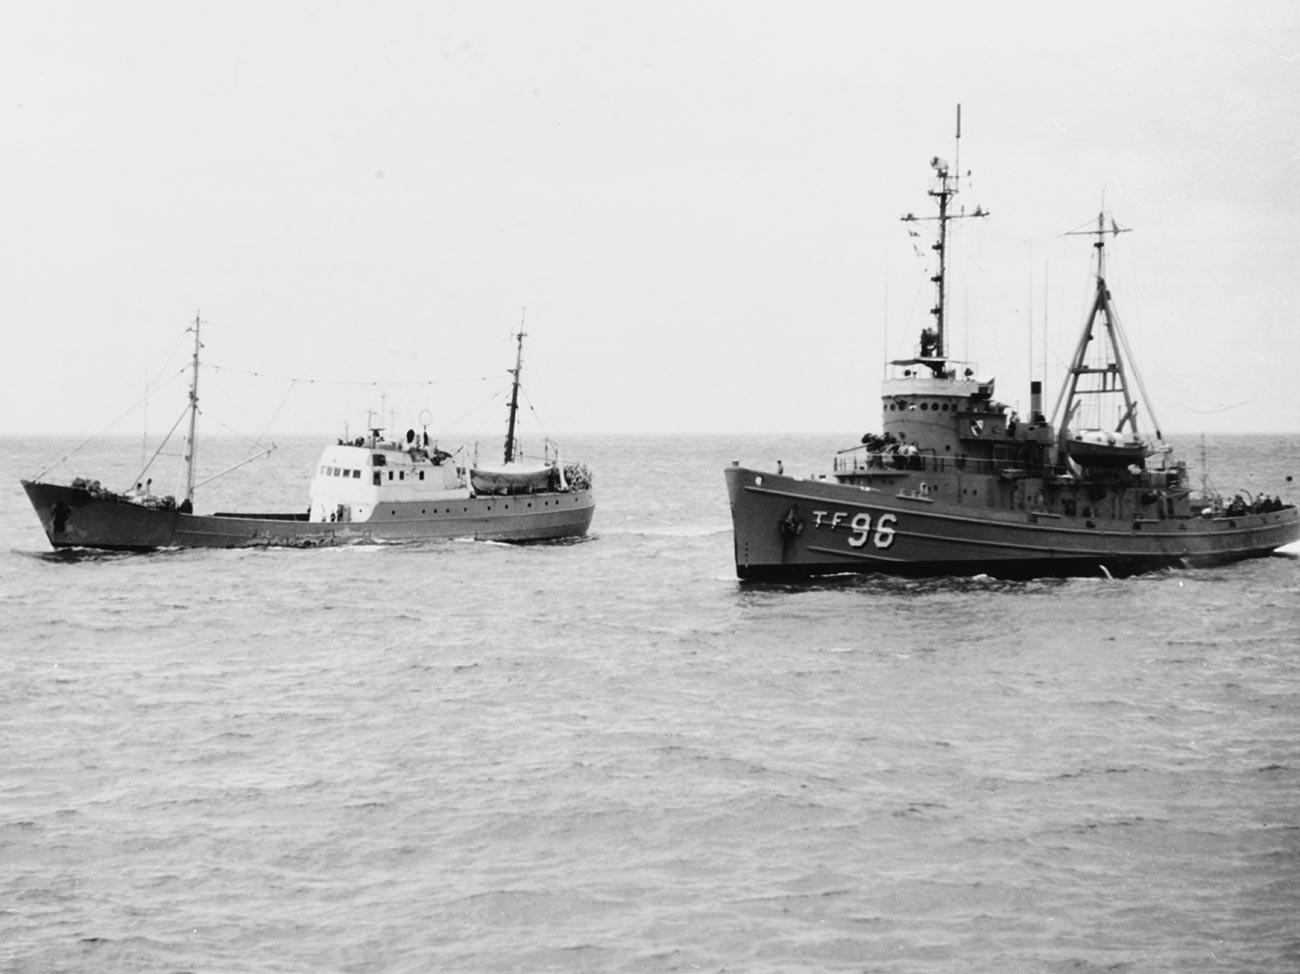 1967年12月18日。米国の軍艦とソ連のトロール漁船